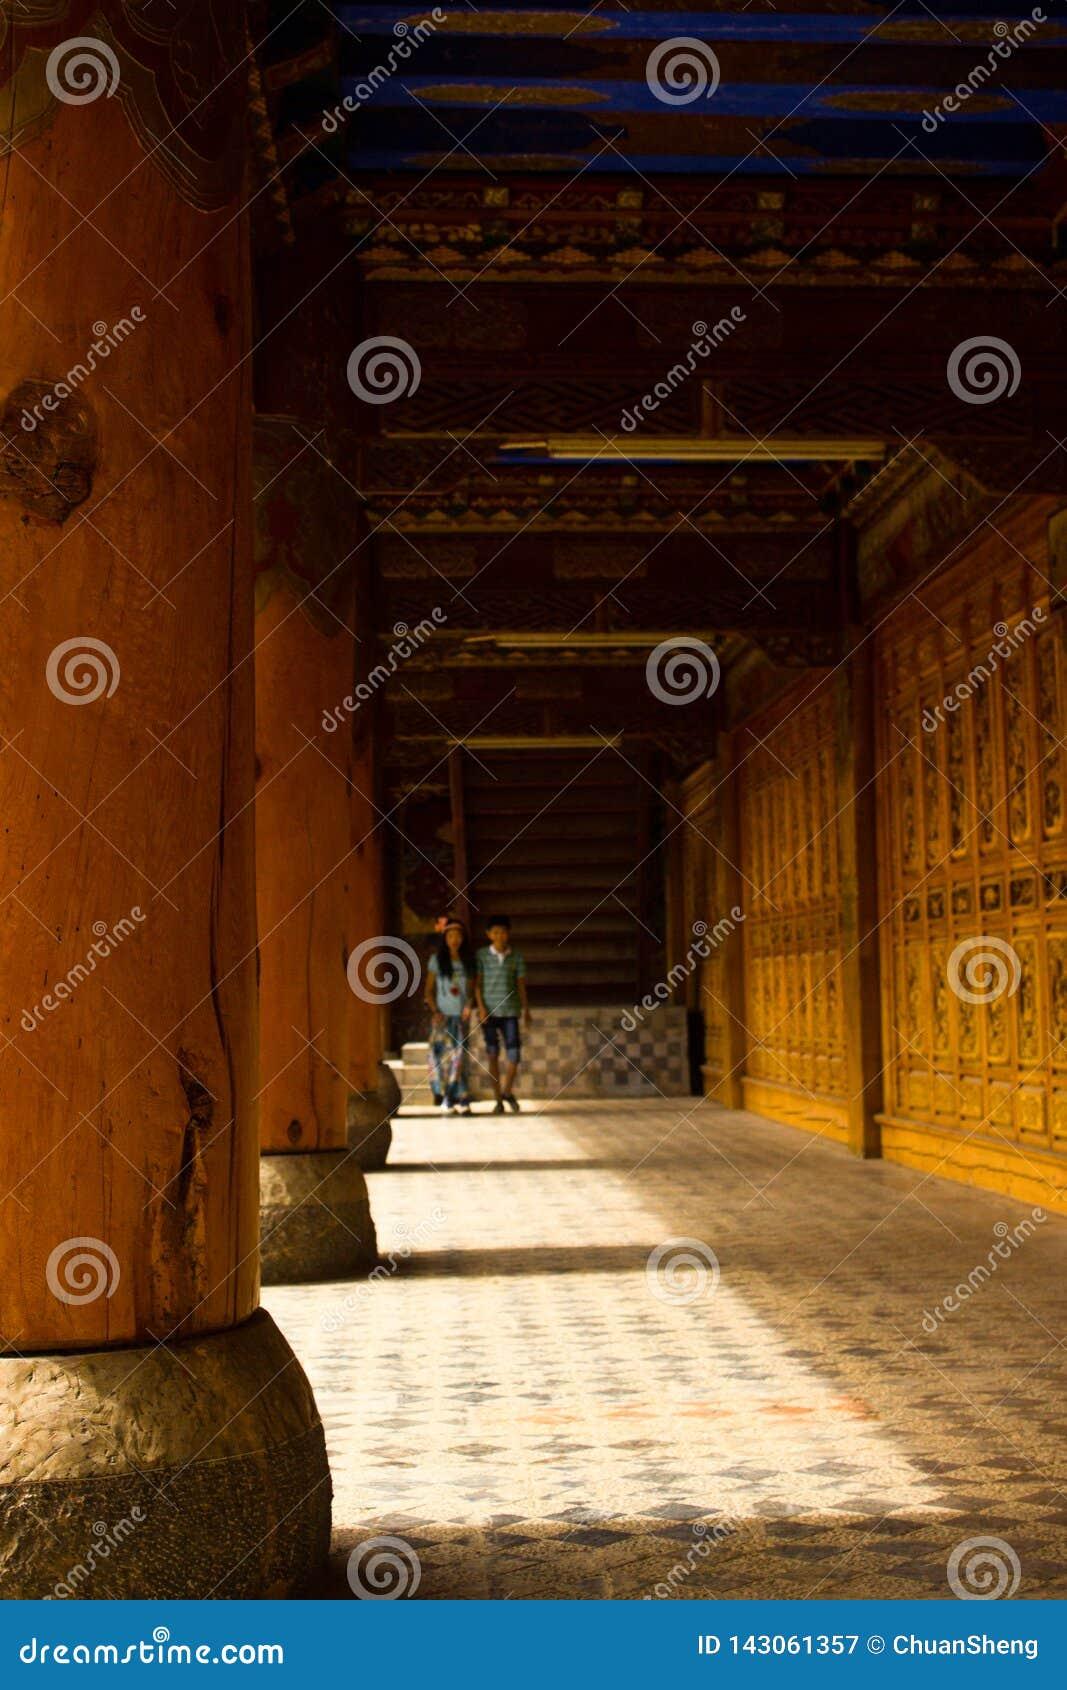 Dentro del templo, columnas enormes, caminos alfombrados, luz del sol, sombras, edificios